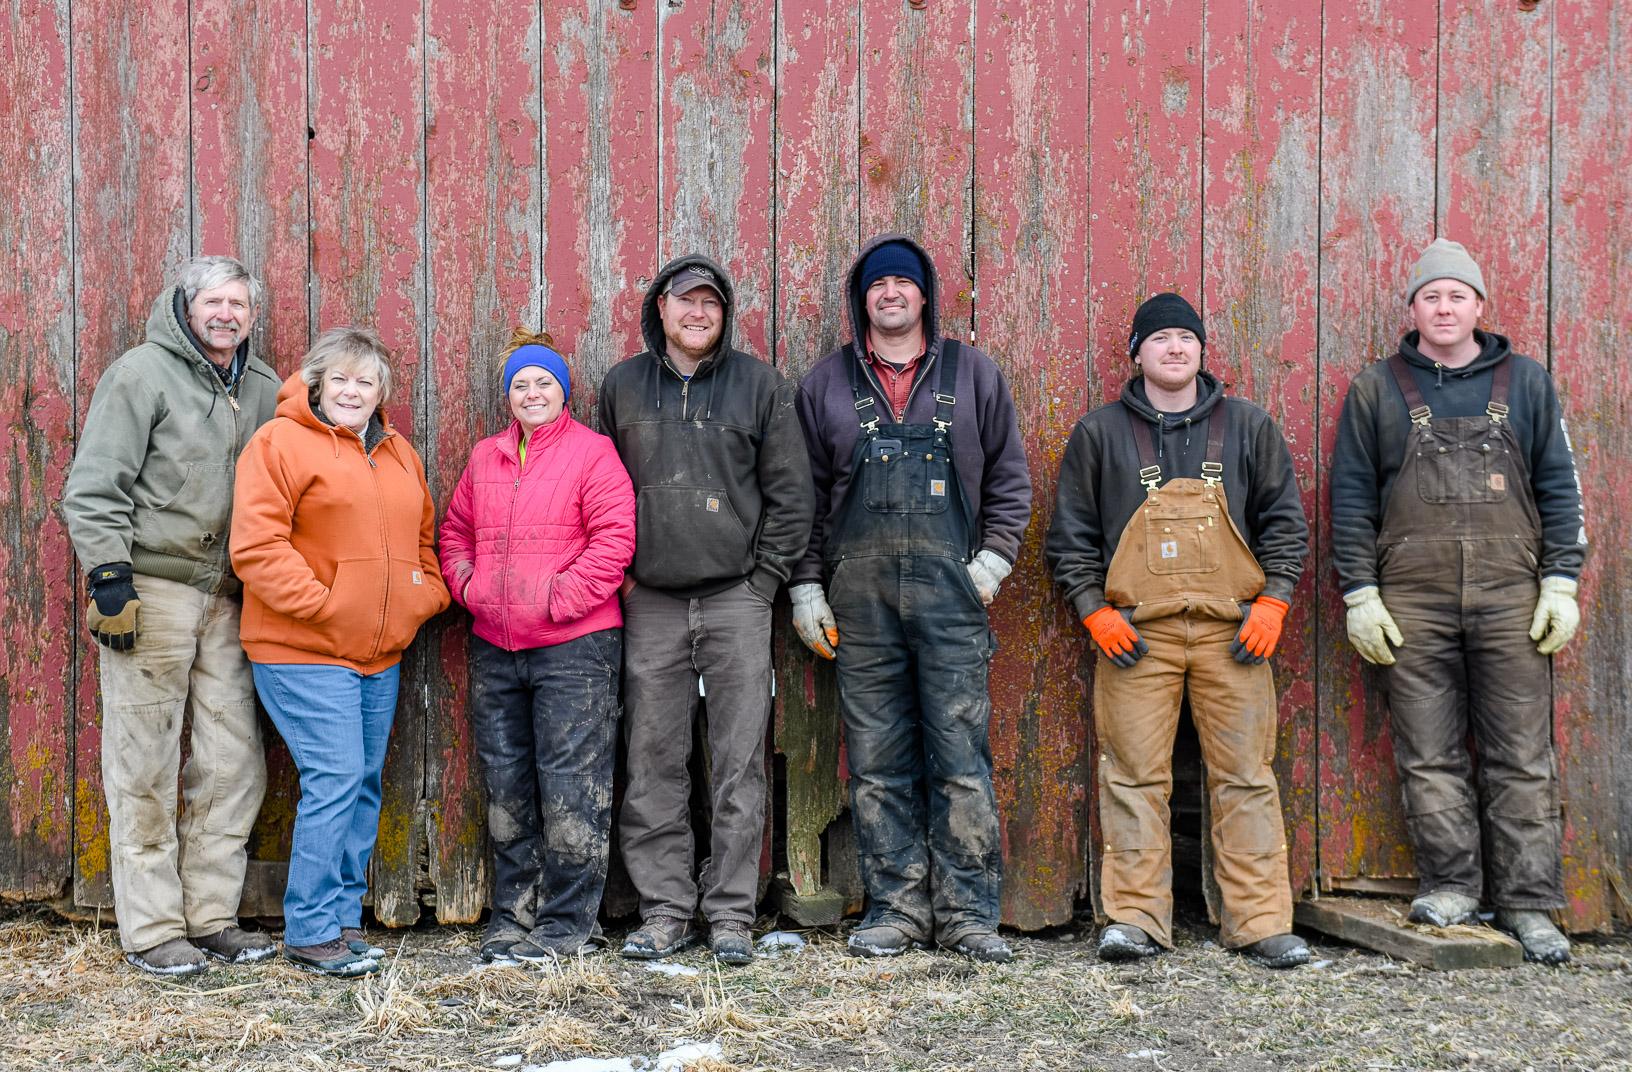 The moving crew from left: Curt Hansen, Debbie Hansen, Robin Hansen, Brock Hansen, Jake Pyle, Brandon Schmidt and Randy Schmidt.